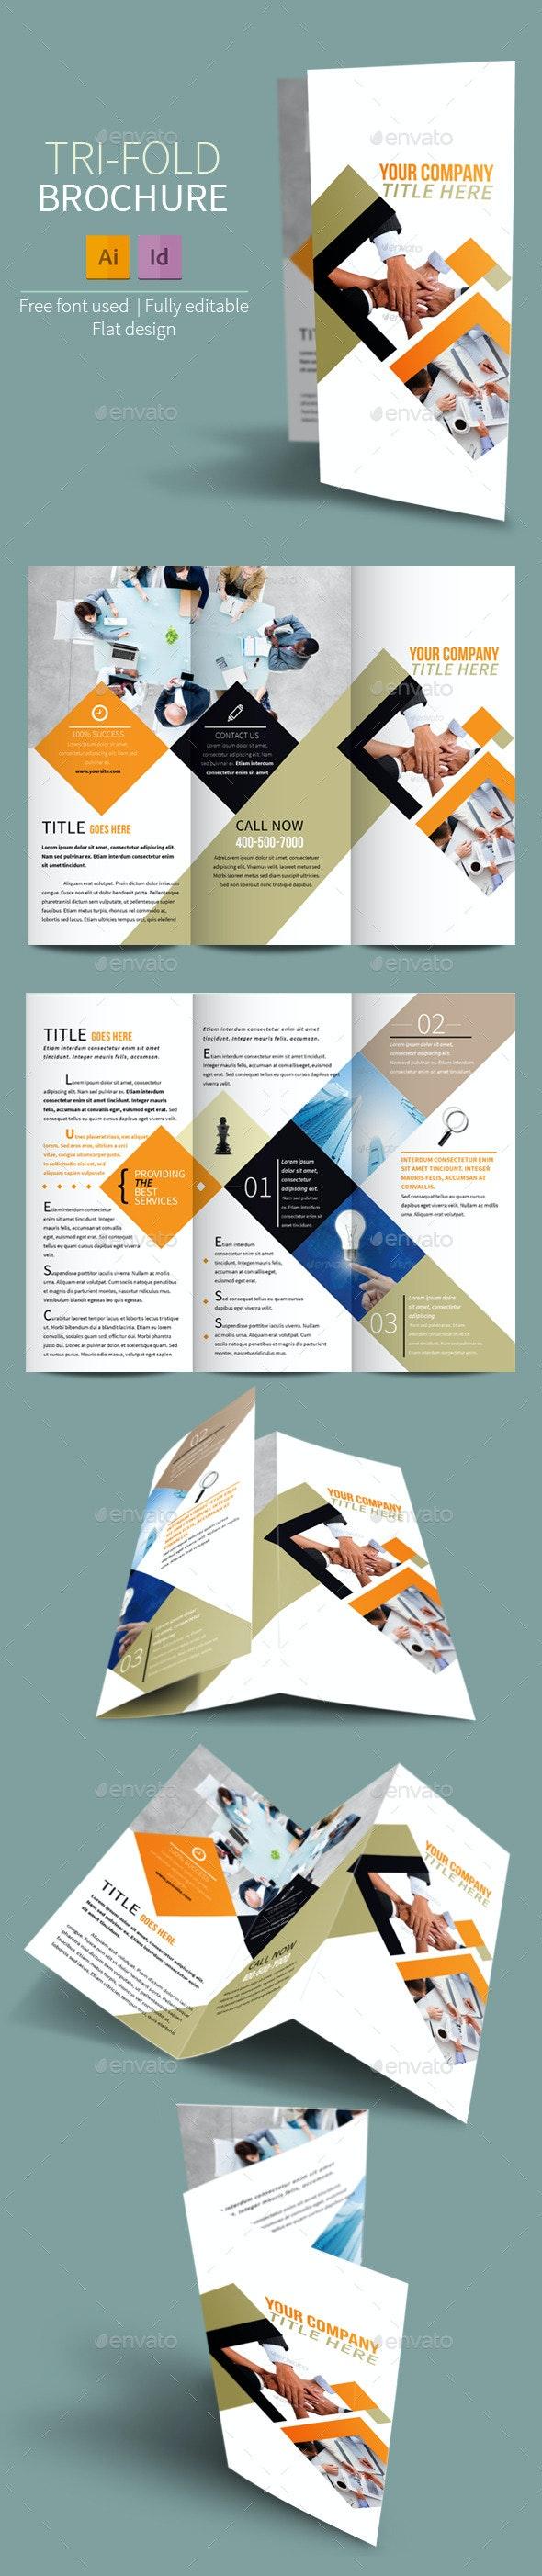 Business Brochure Template - Informational Brochures